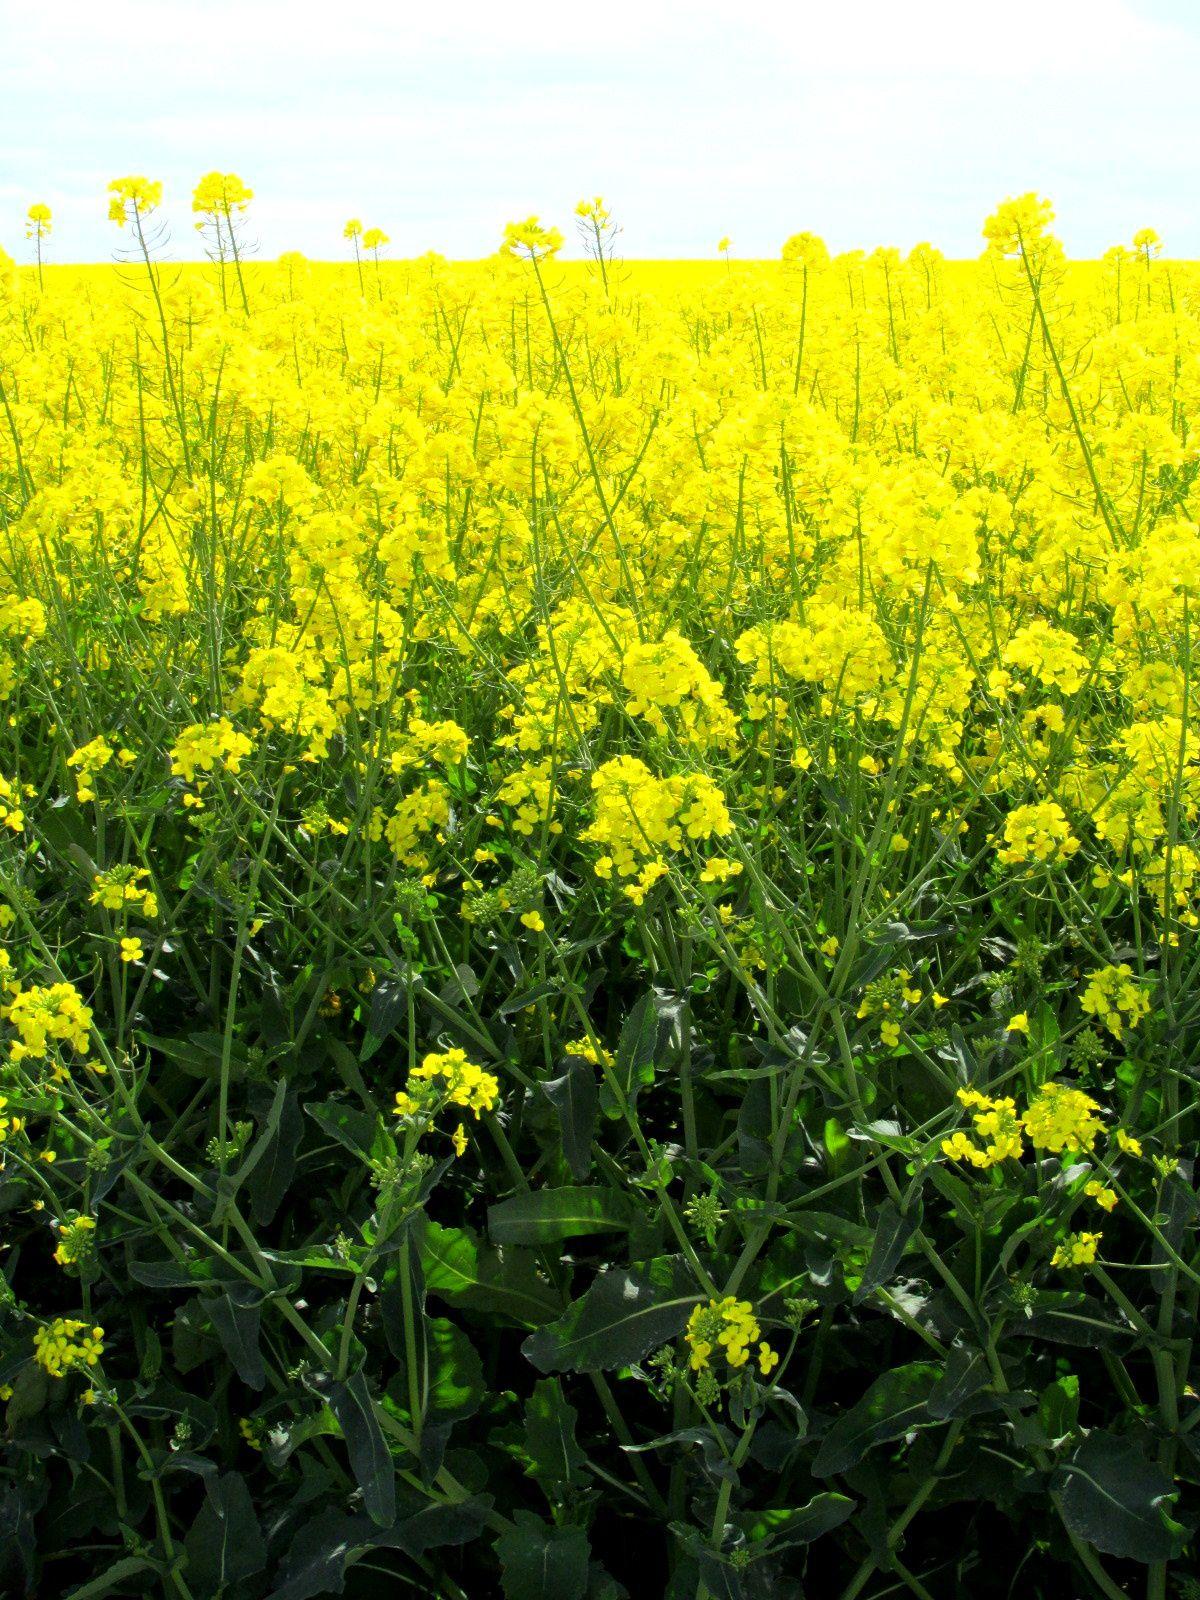 ~ Jour 1 ~ A-M : Rallye ~ Basse-Normandie ~ Asnelles ~ Paysage normand ~ Champ de fleurs de colza ~ Sentier ~